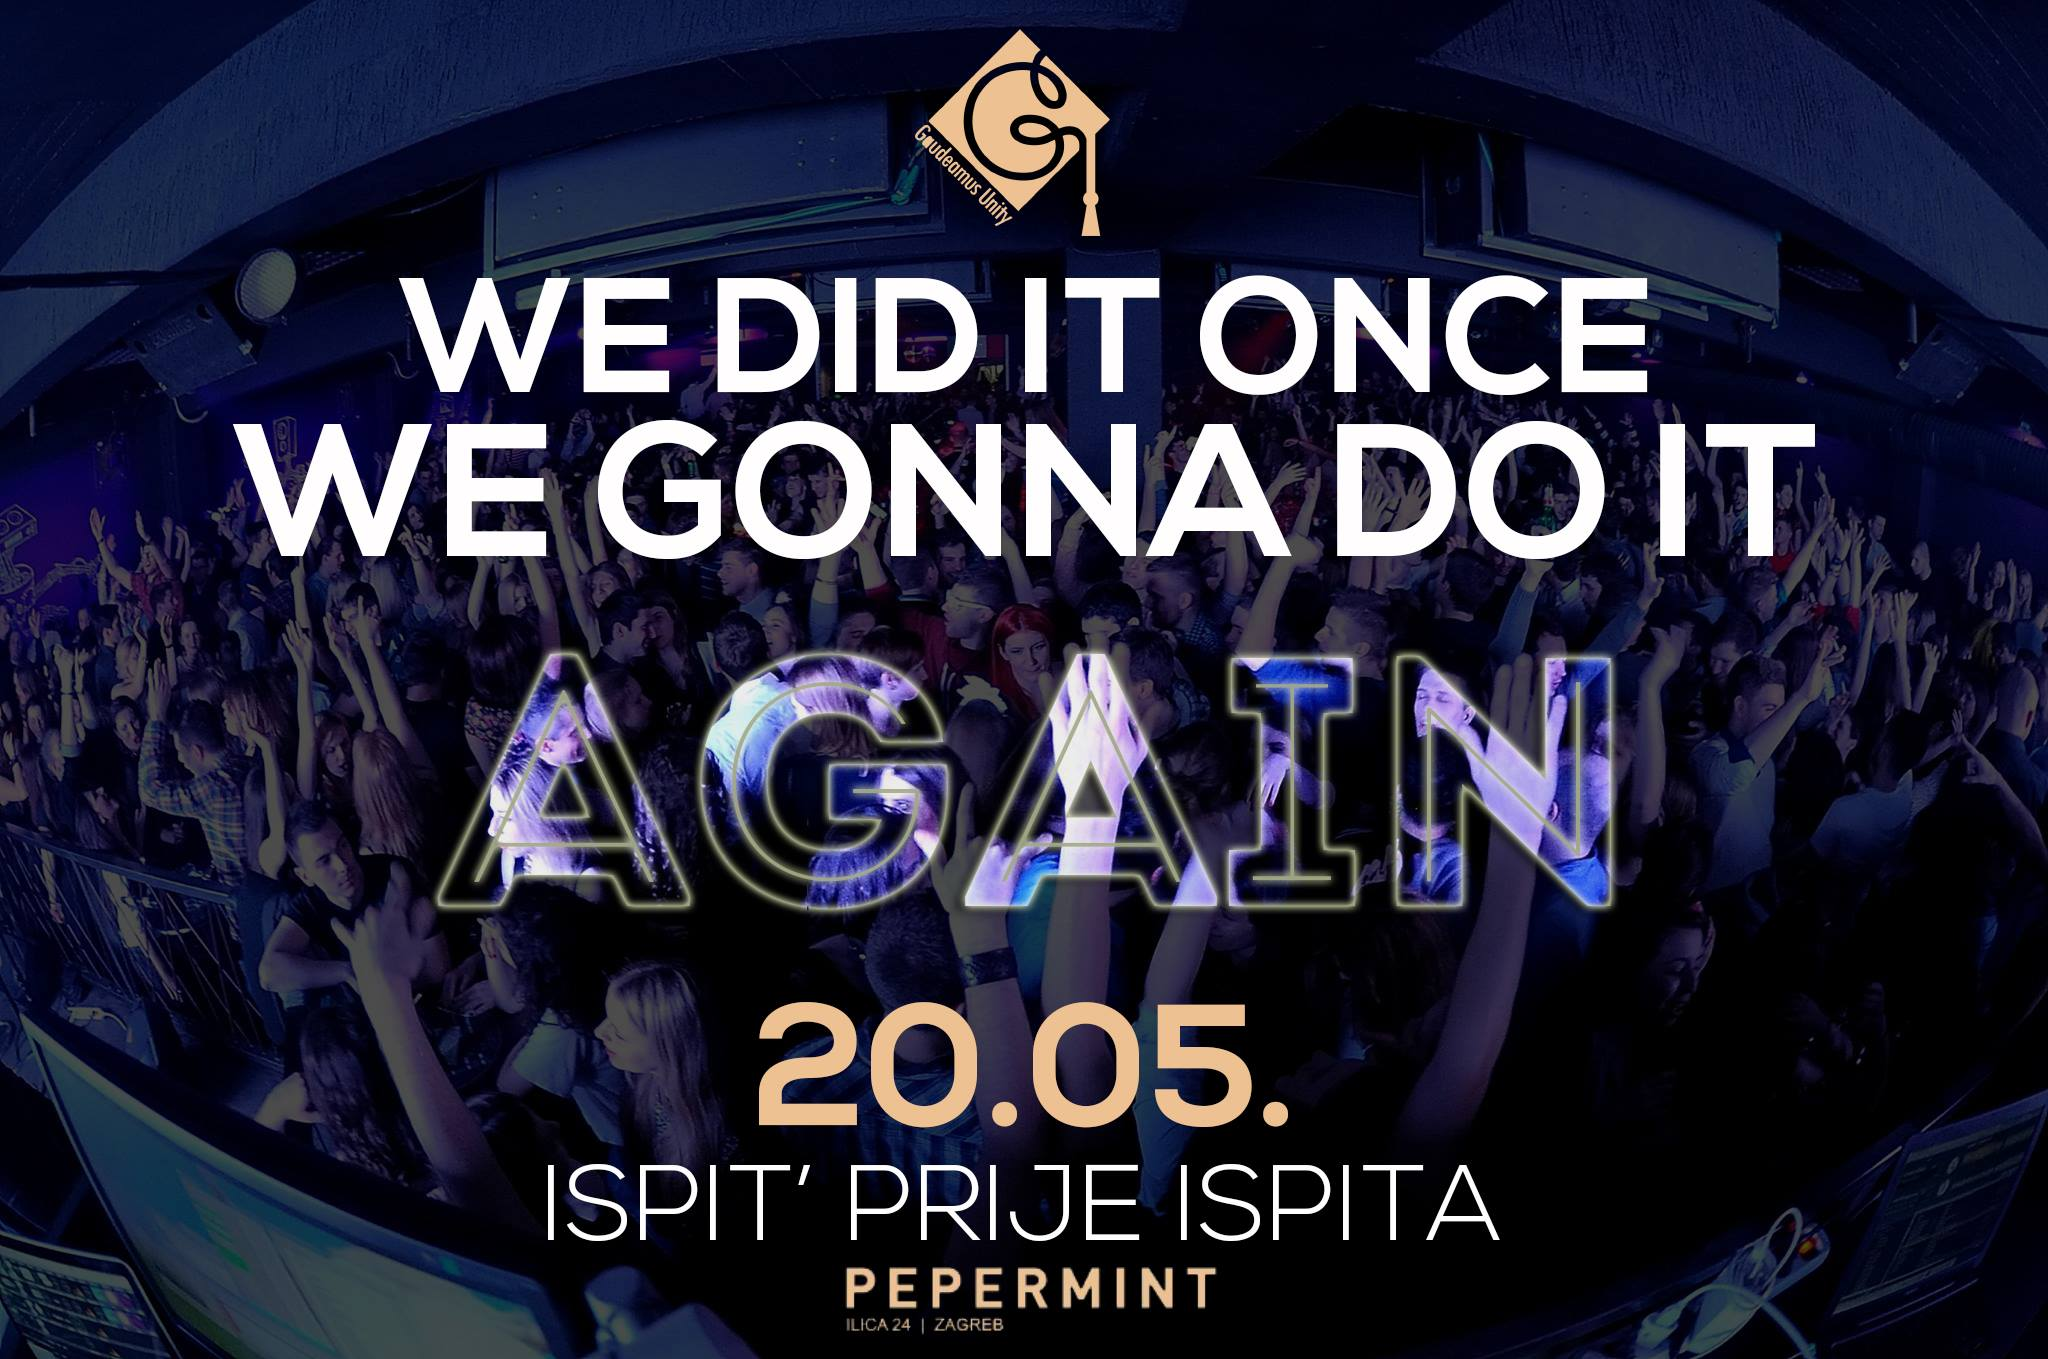 Photo of ISPIT PRIJE ISPITA ovaj put u zagrebačkom Pepermintu!